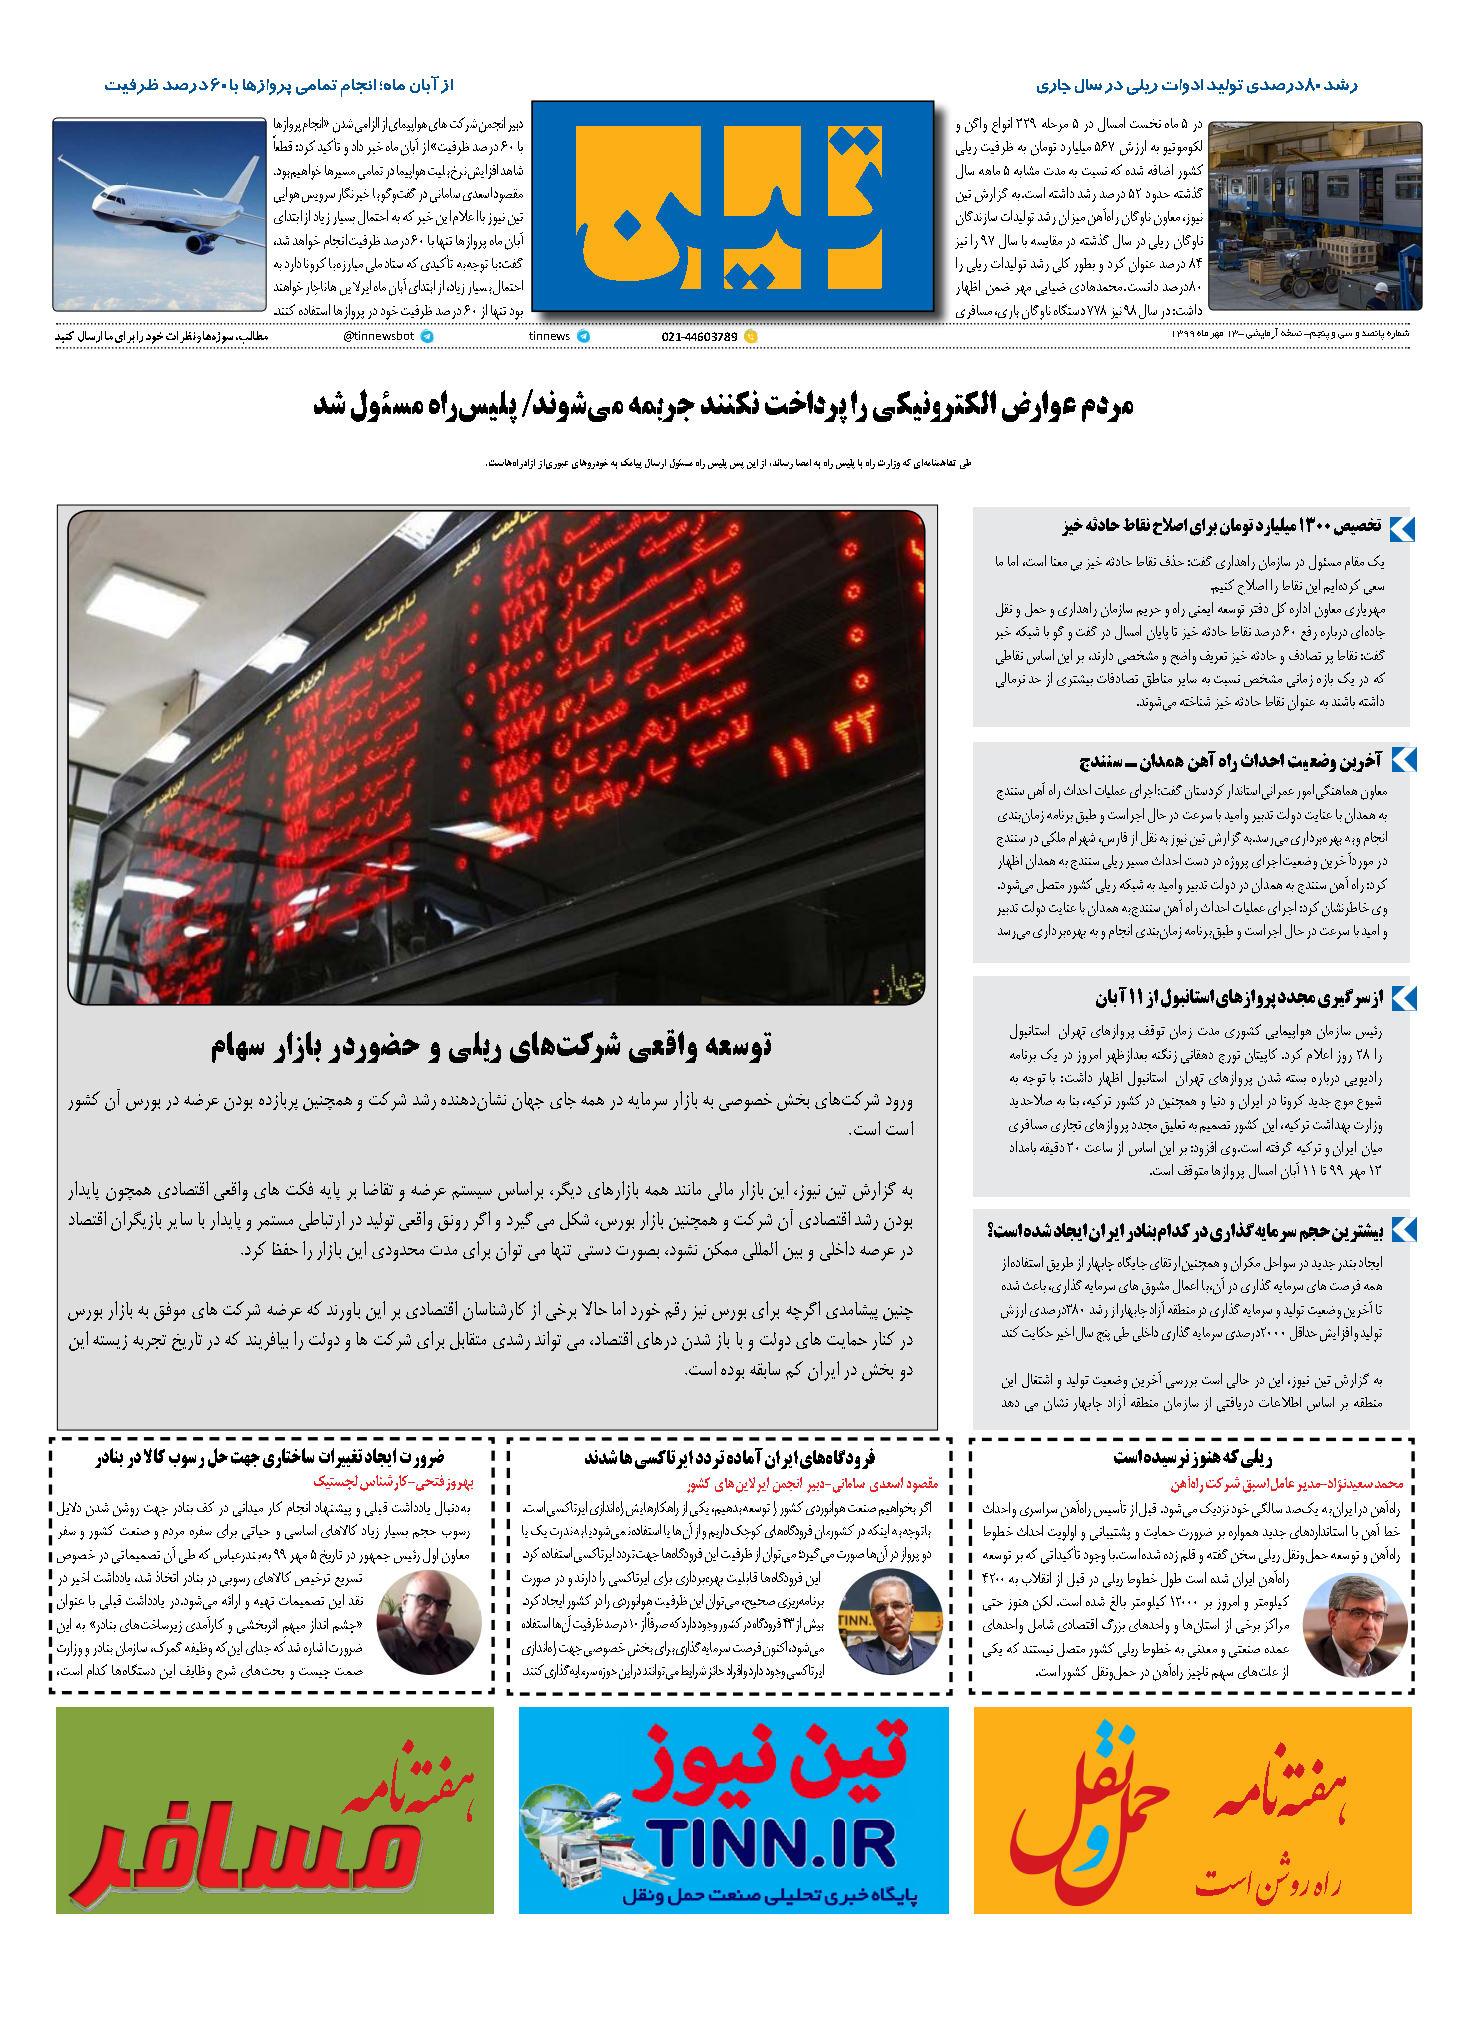 روزنامه الکترونیک 13 مهر ماه 99